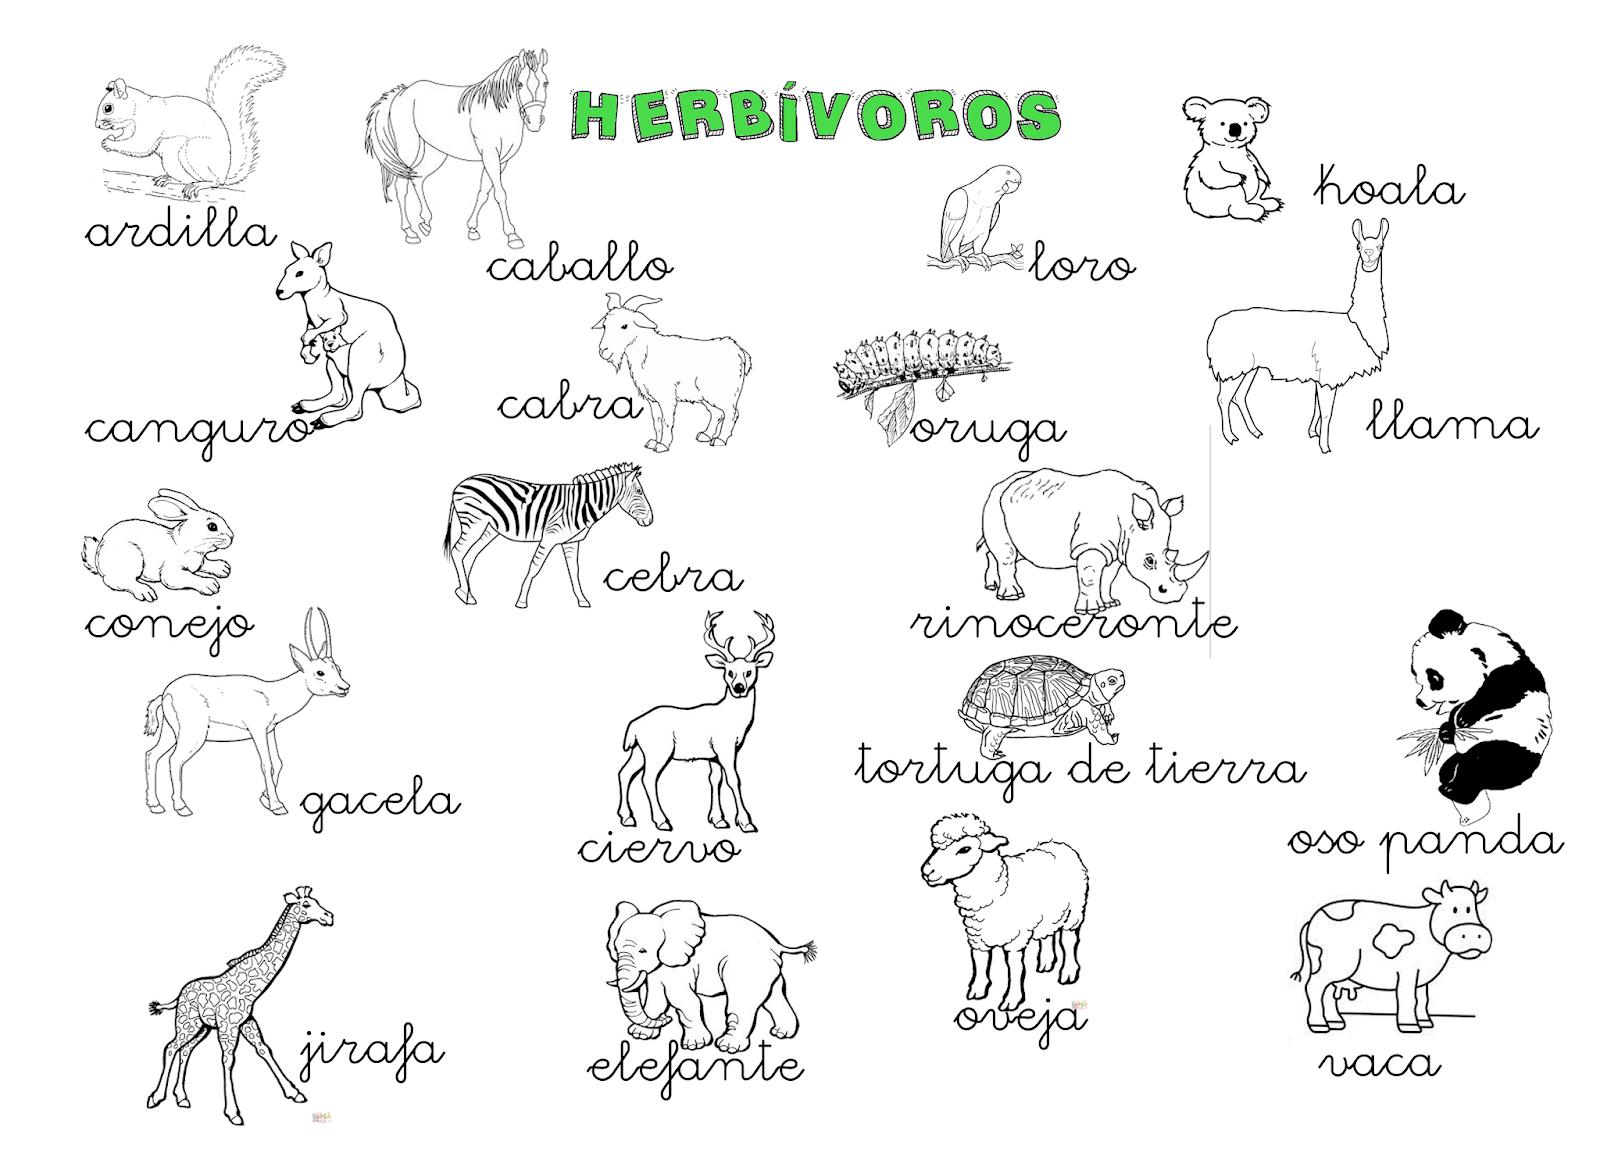 Qué Puedo Hacer Hoy Cartel Animales Herbívoros